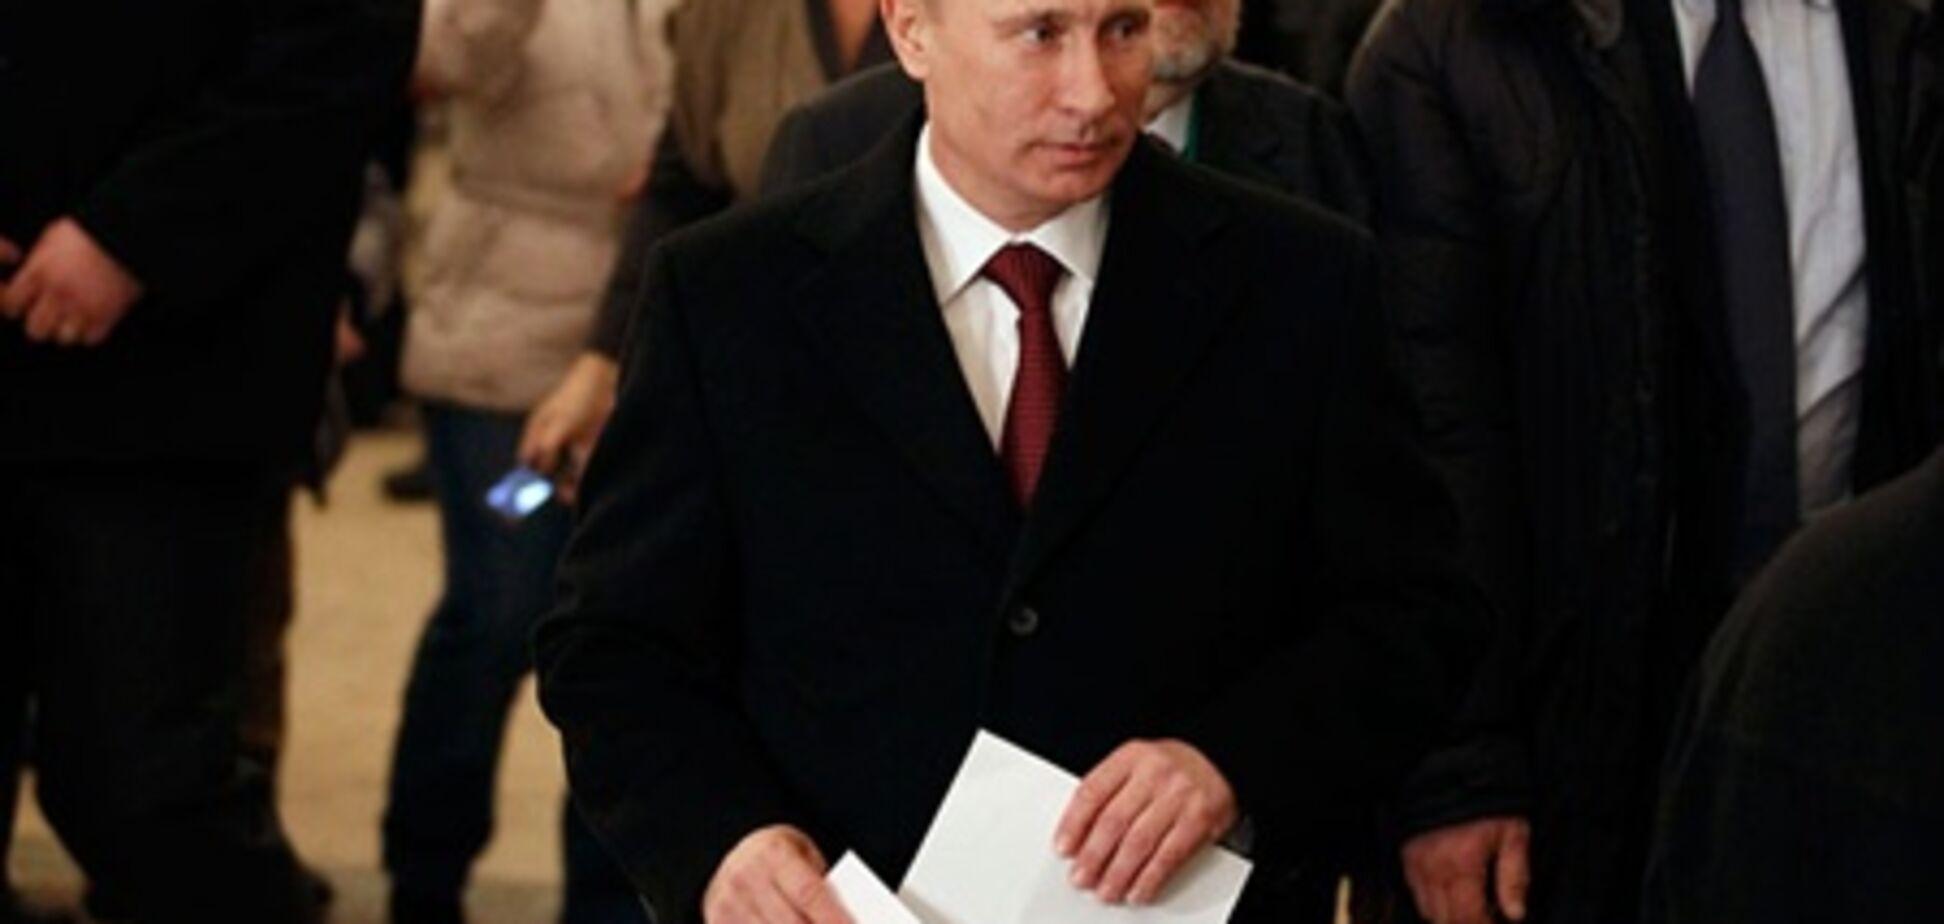 ЦВК обробила 100% протоколів: Путін виграв вибори з 63,6%